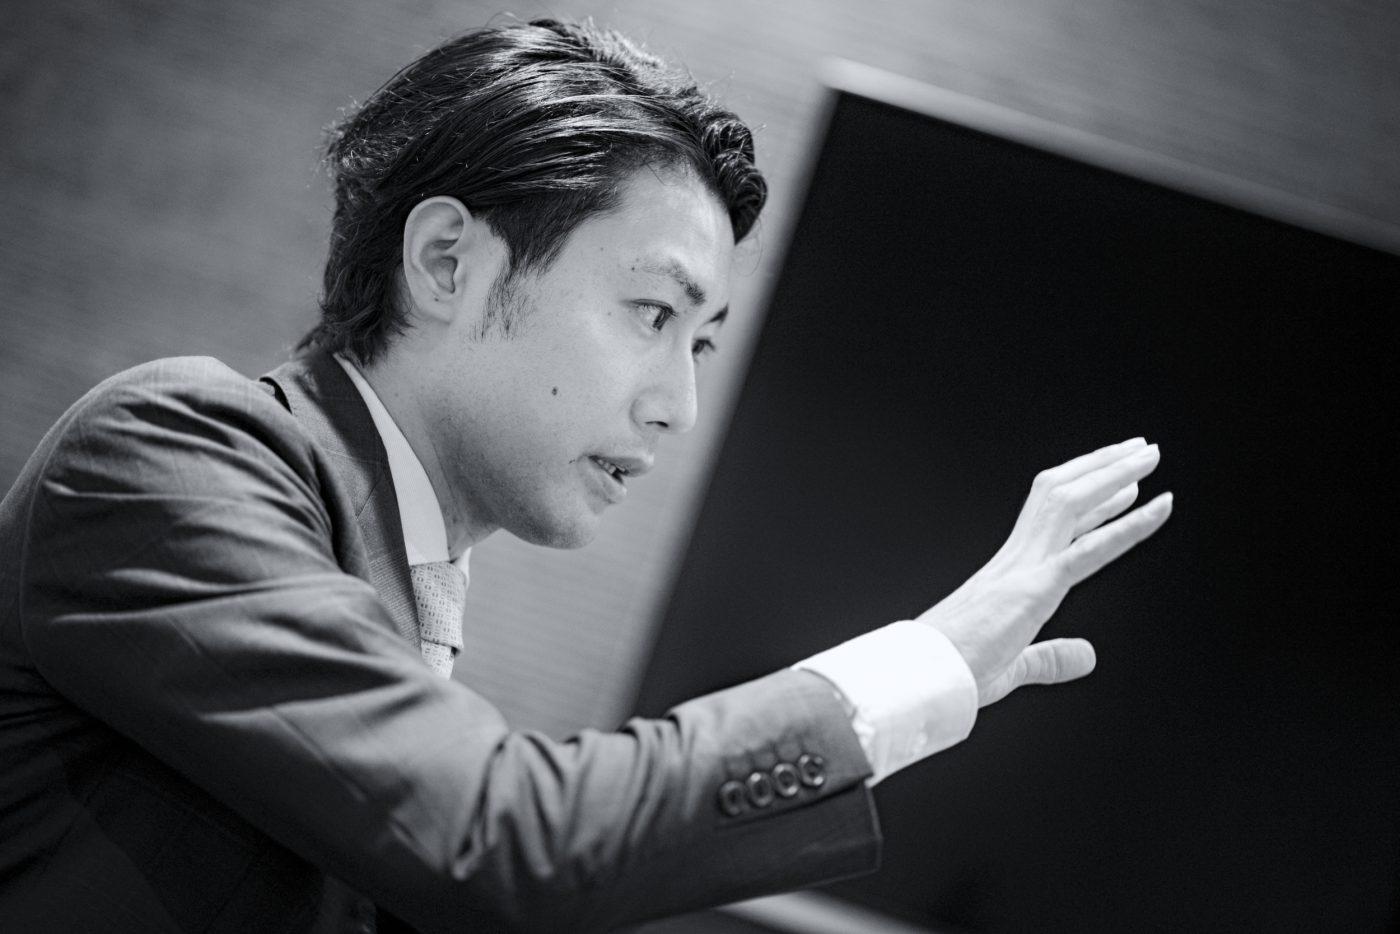 【インタビュー】海外のスタンダードを理解し、日本らしい「ちょっと過度なおせっかい」を。インバウンド需要をつかむ本当の「おもてなし」とは 宮崎辰(後編)